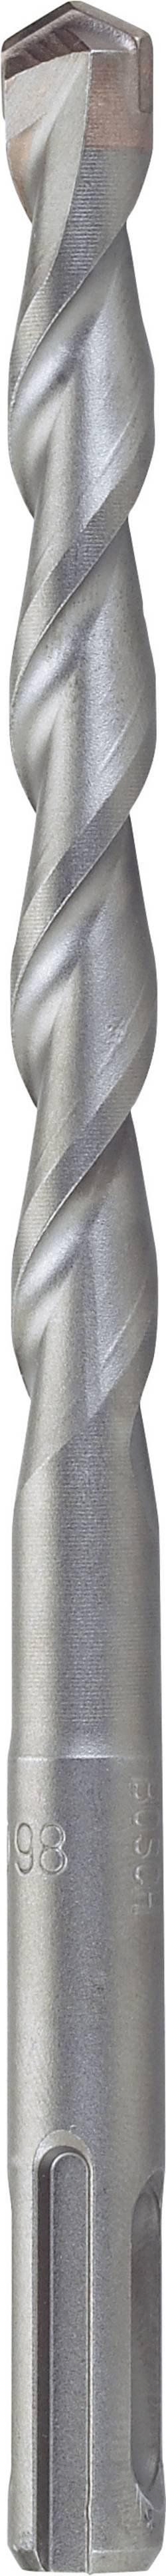 Foret pour marteau-perforateur SDS-Plus 8 mm Bosch Accessories 2609255512 Longueur 110 mm 1 pc(s)